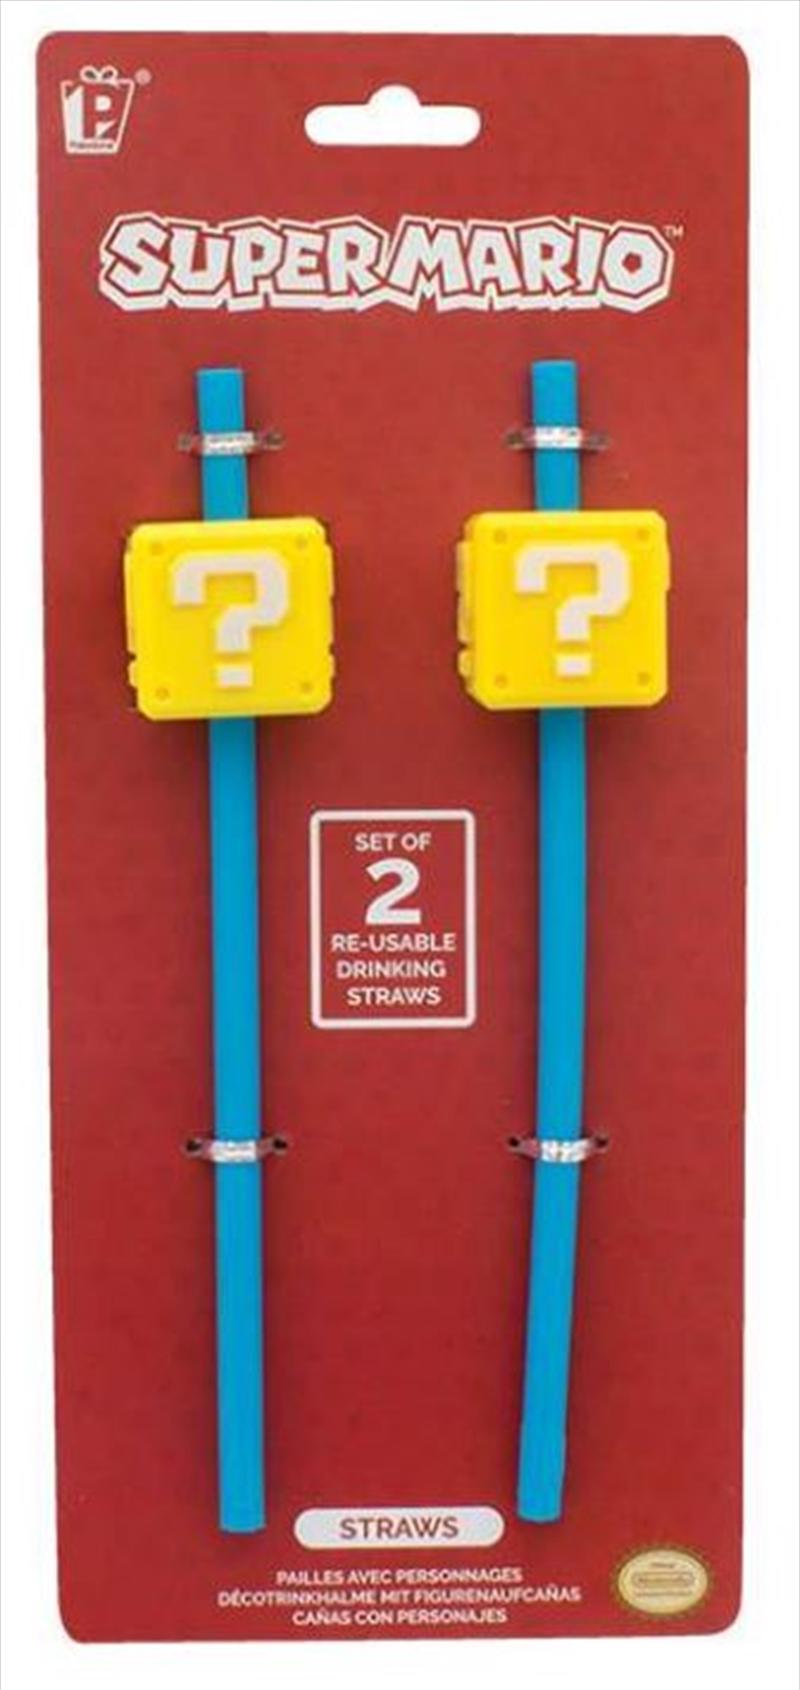 Super Mario Straws | Homewares